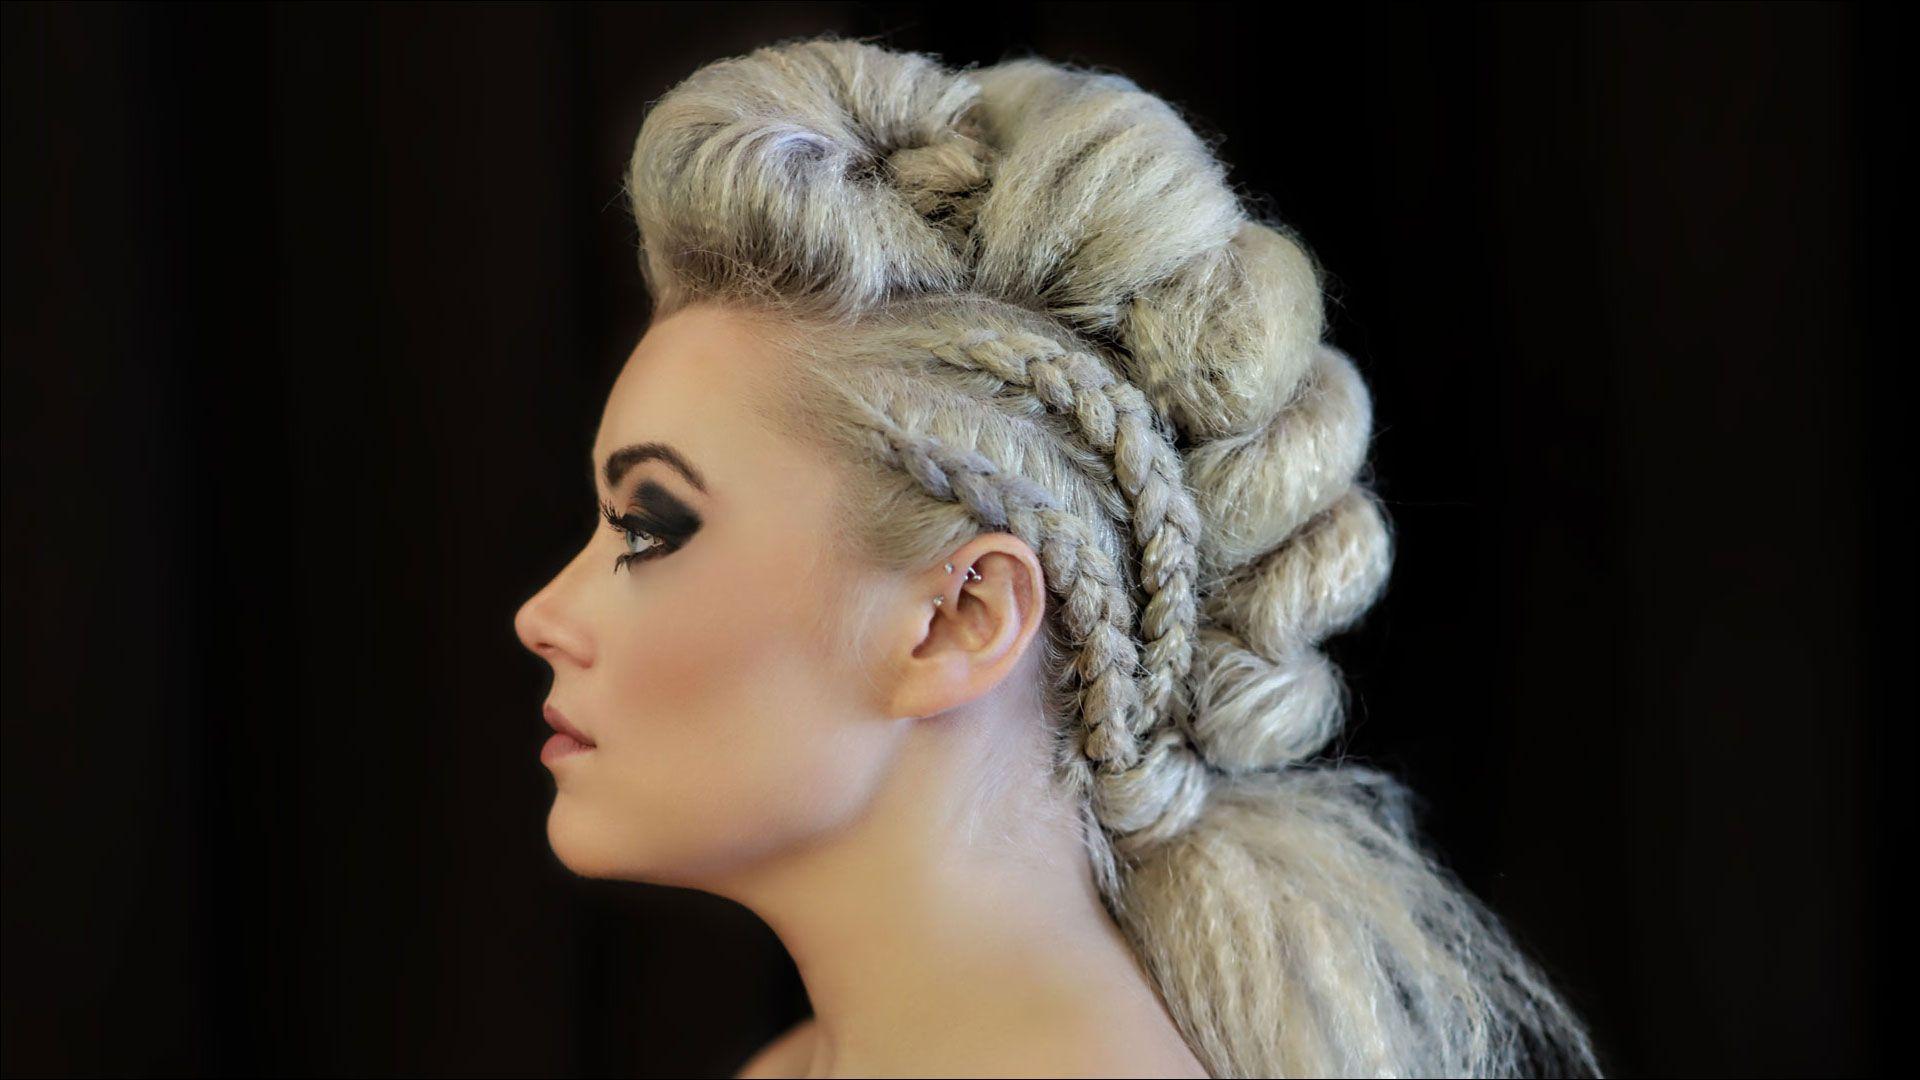 princeton nj beauty salon | bridal makeup princeton nj | haircuts